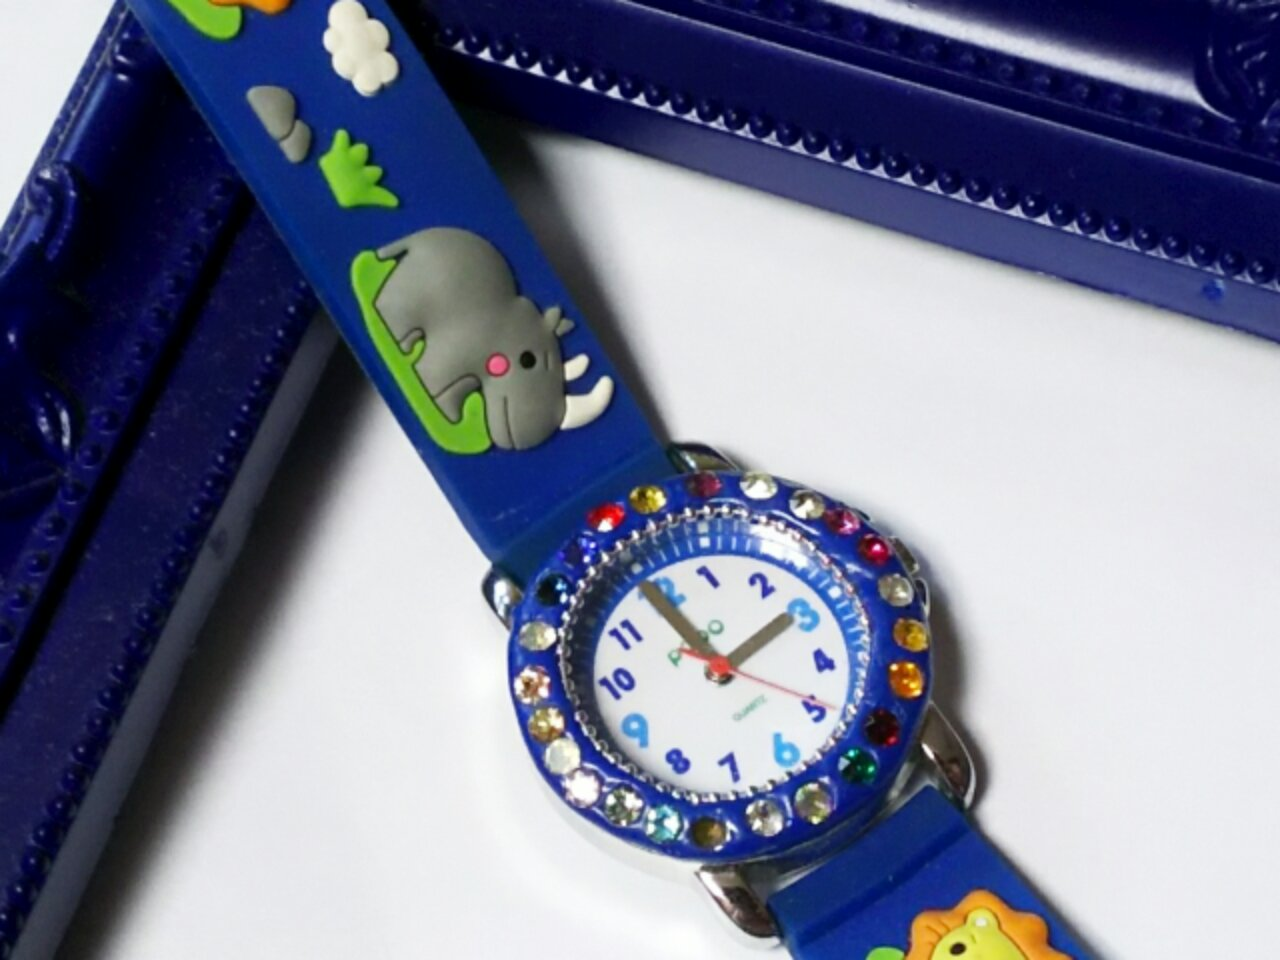 息子が作ったグルーデコの腕時計